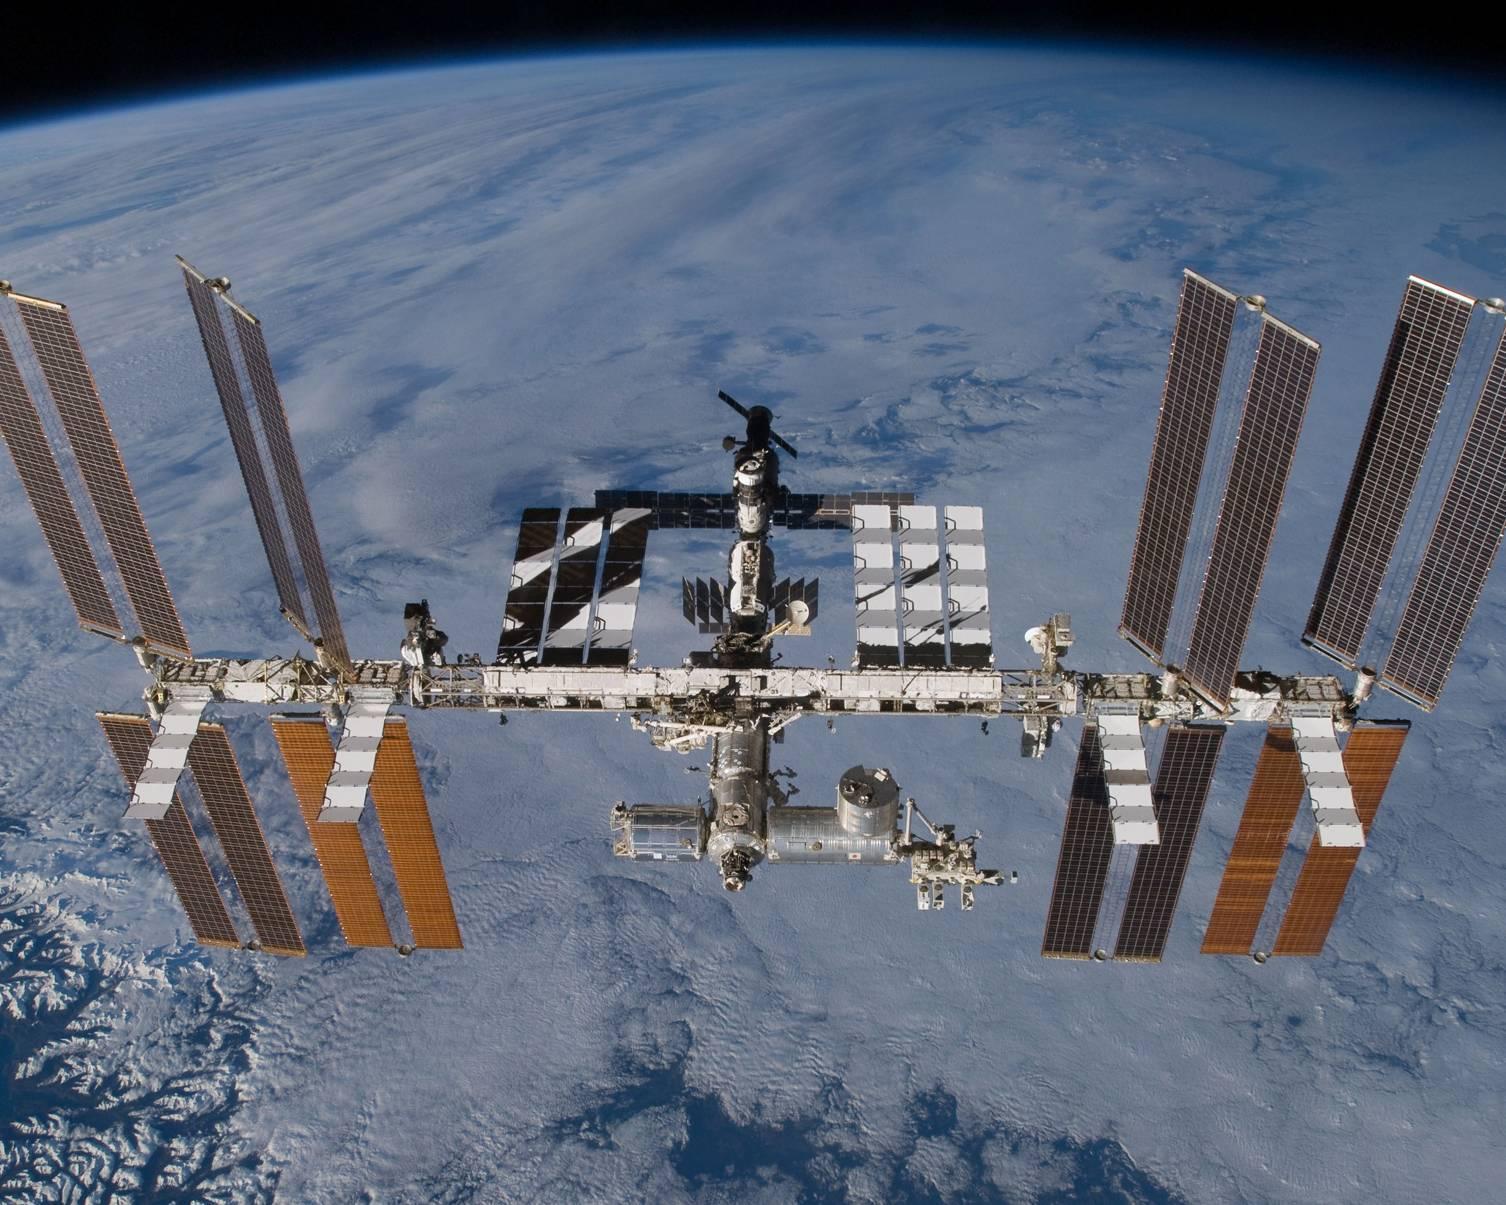 Russland muss entscheiden, ob es sich von der Internationalen Raumstation zurückziehen will